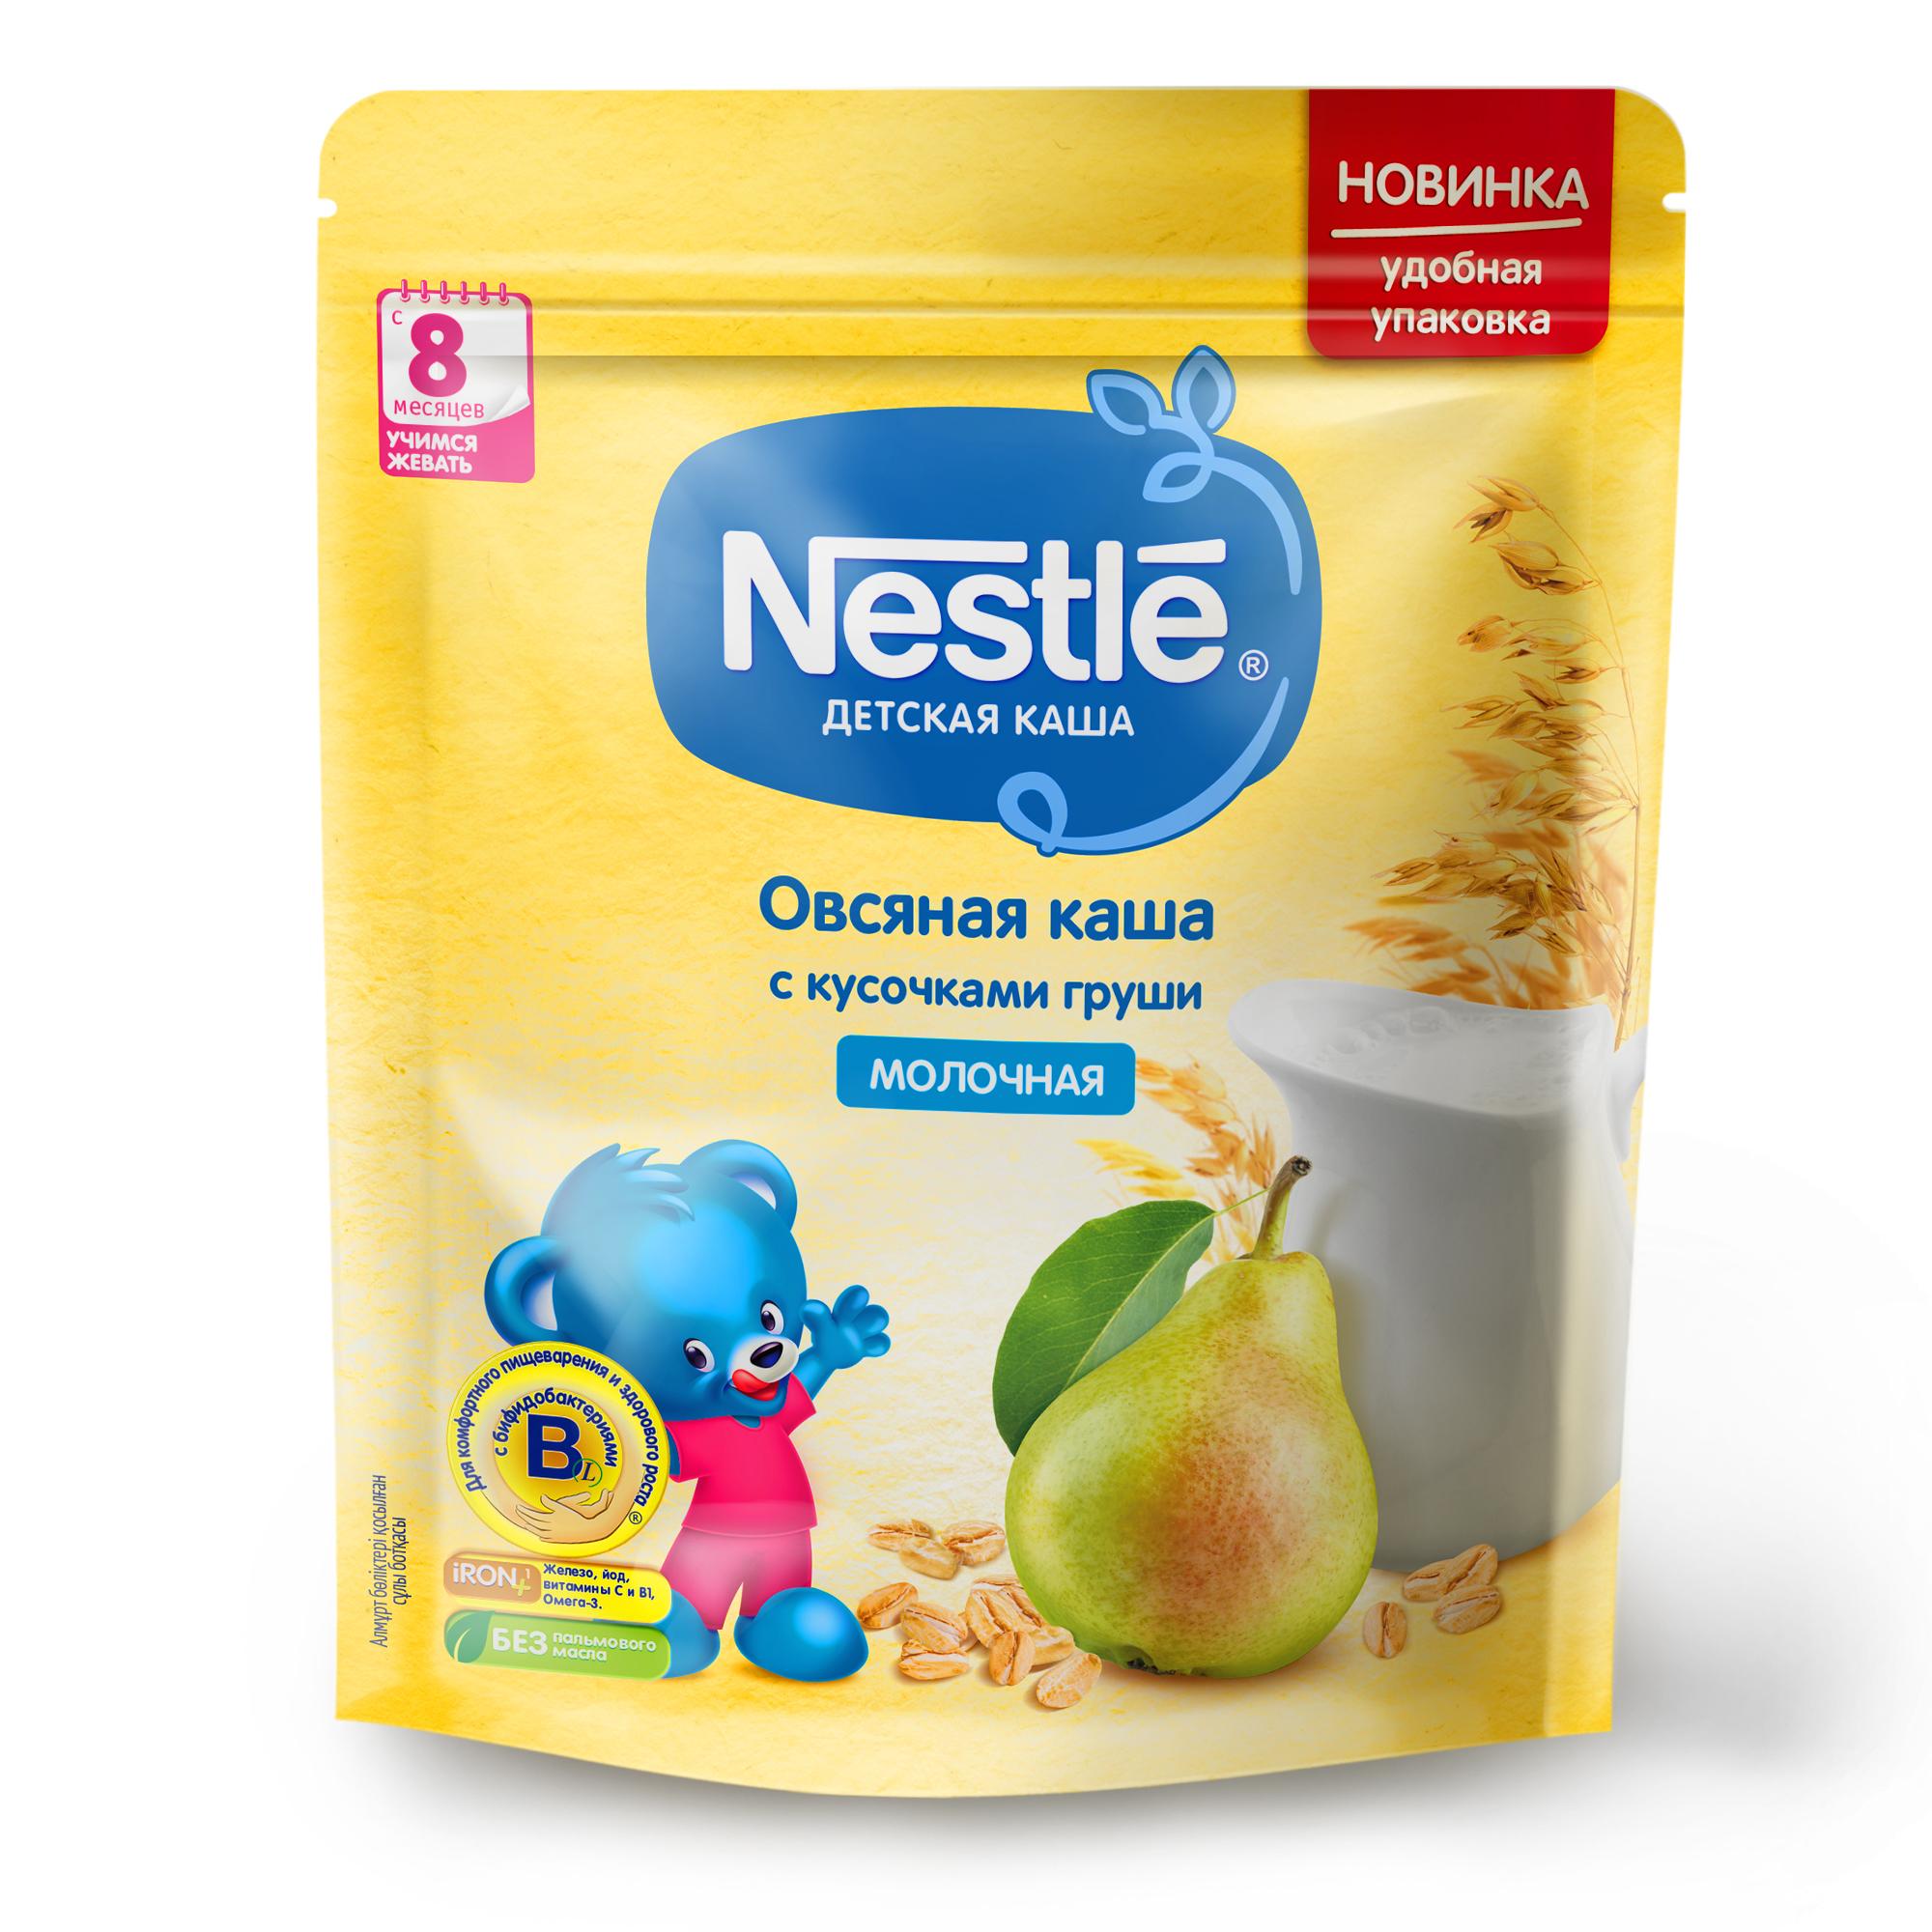 Купить Молочная овсяная каша Nestle с кусочками груши с 8 мес 220г, Детские каши